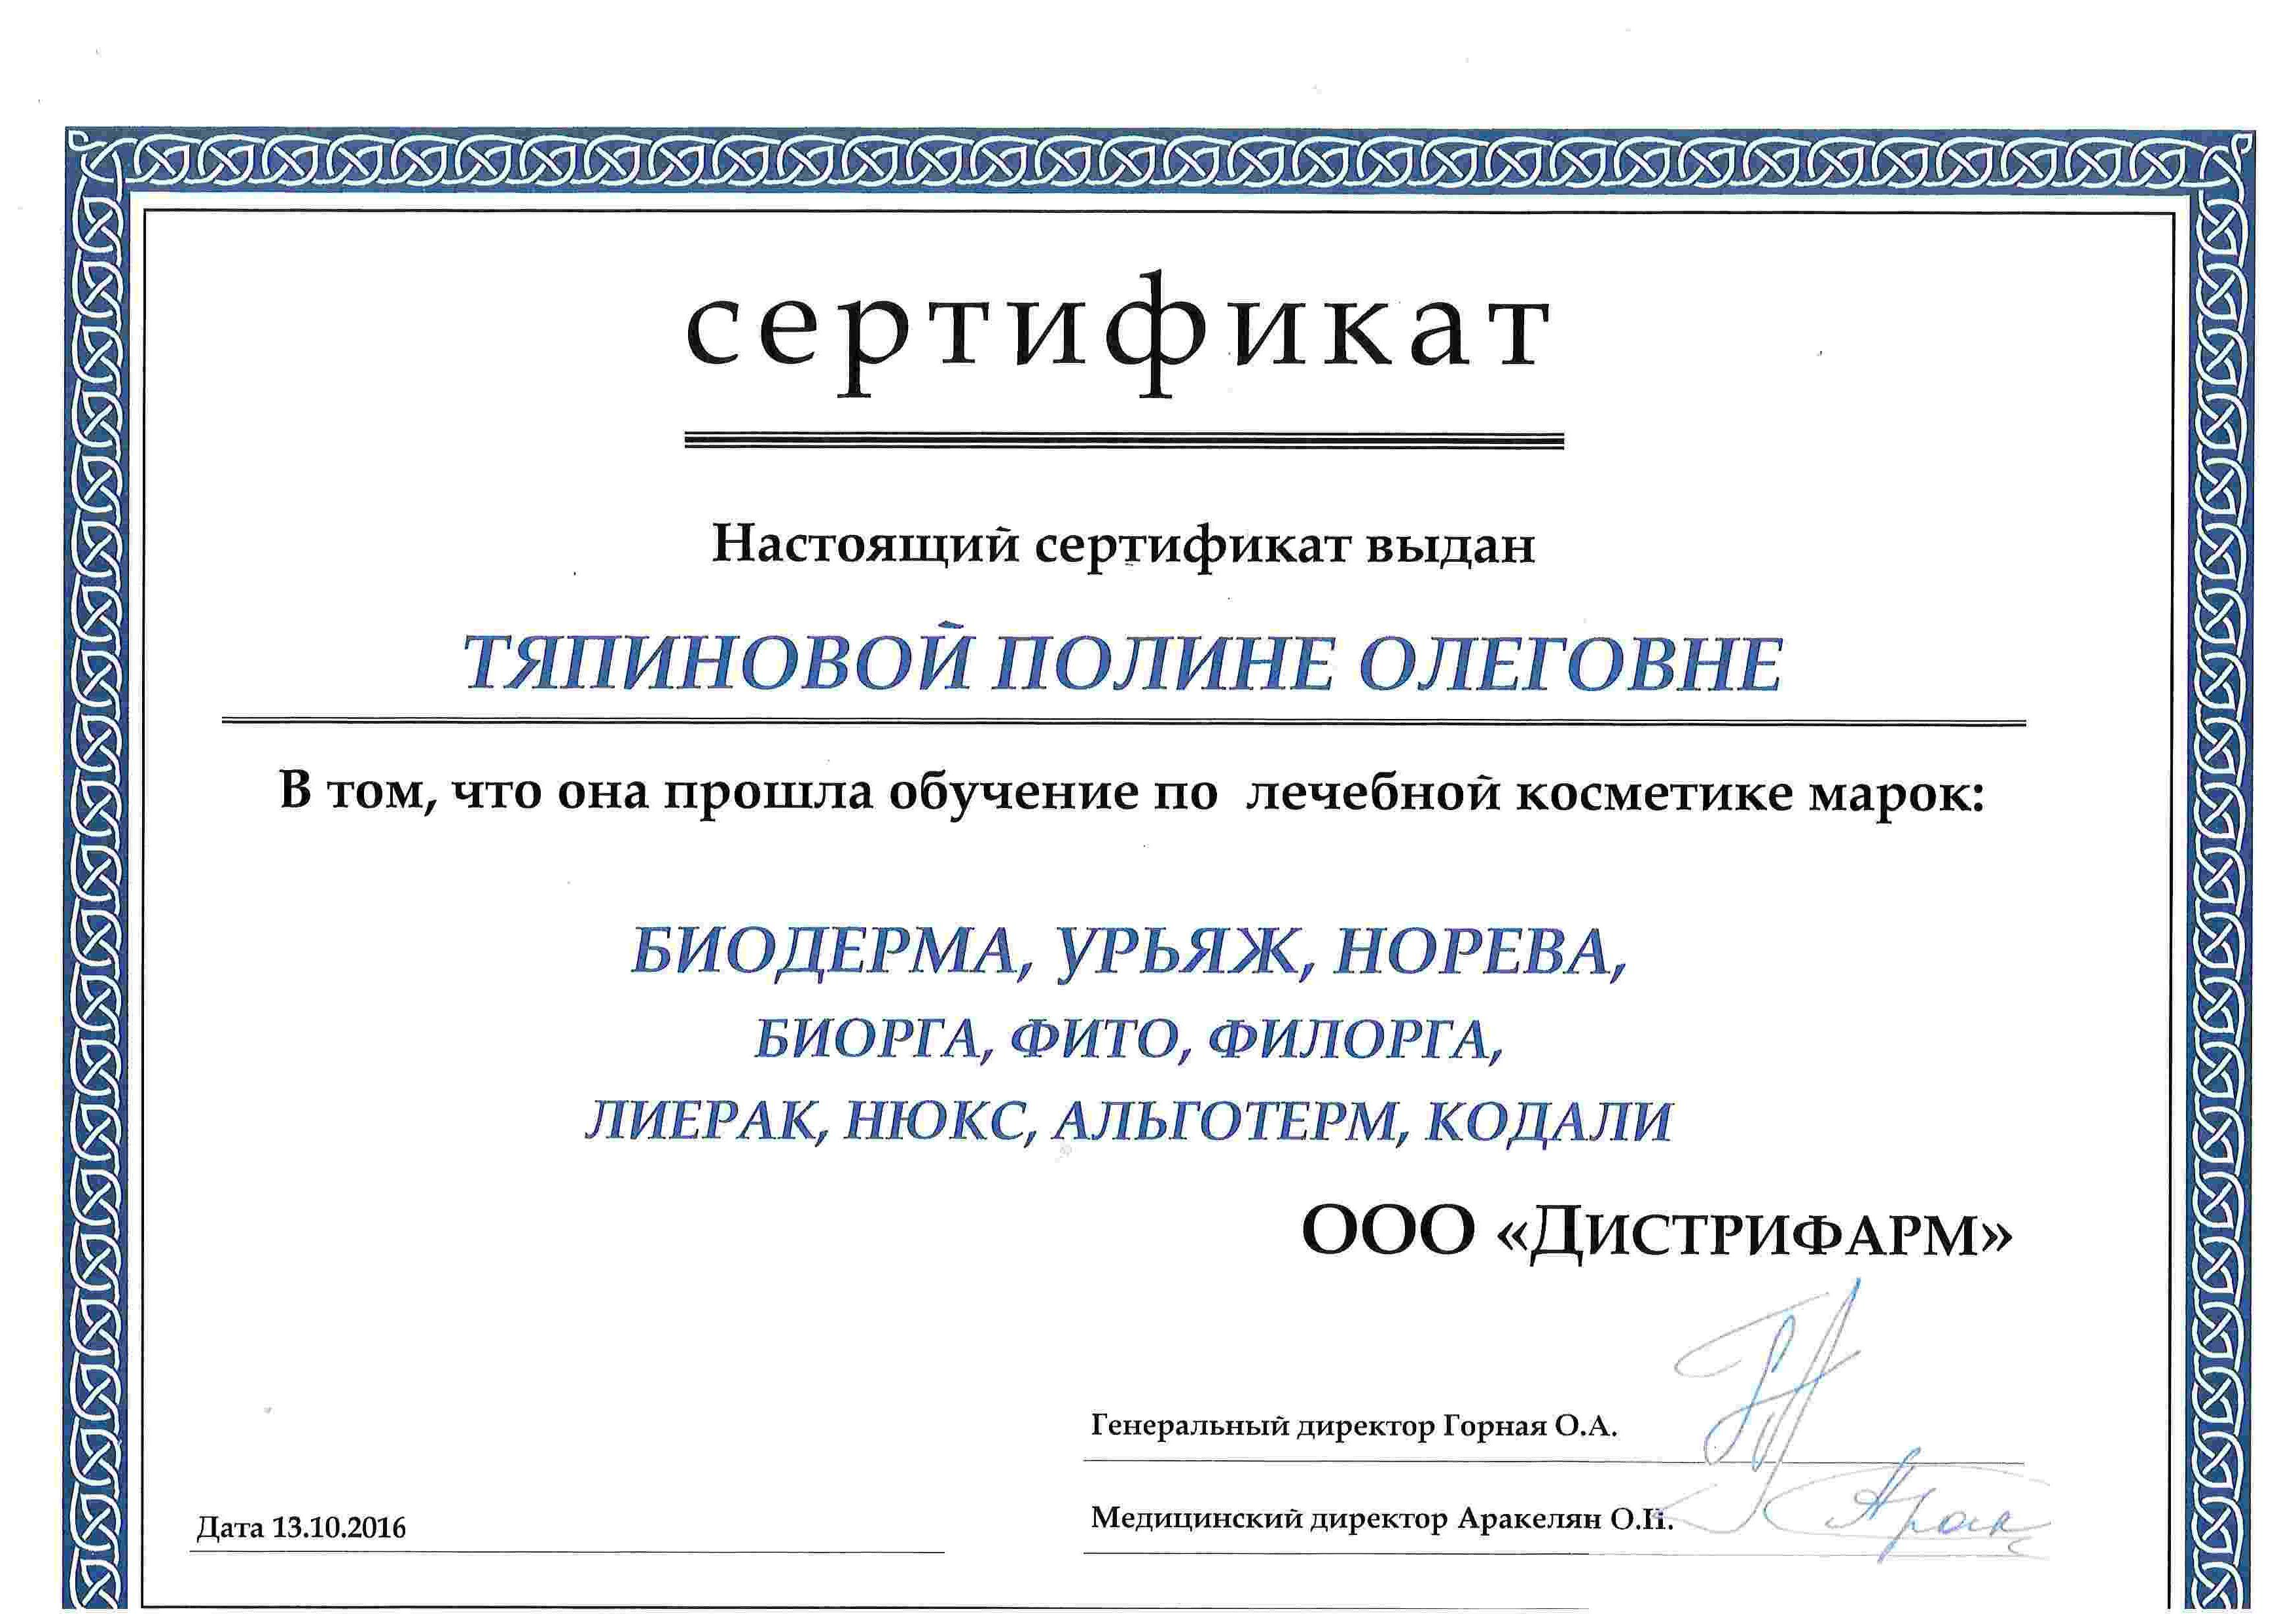 Сертификат Соловьева 10